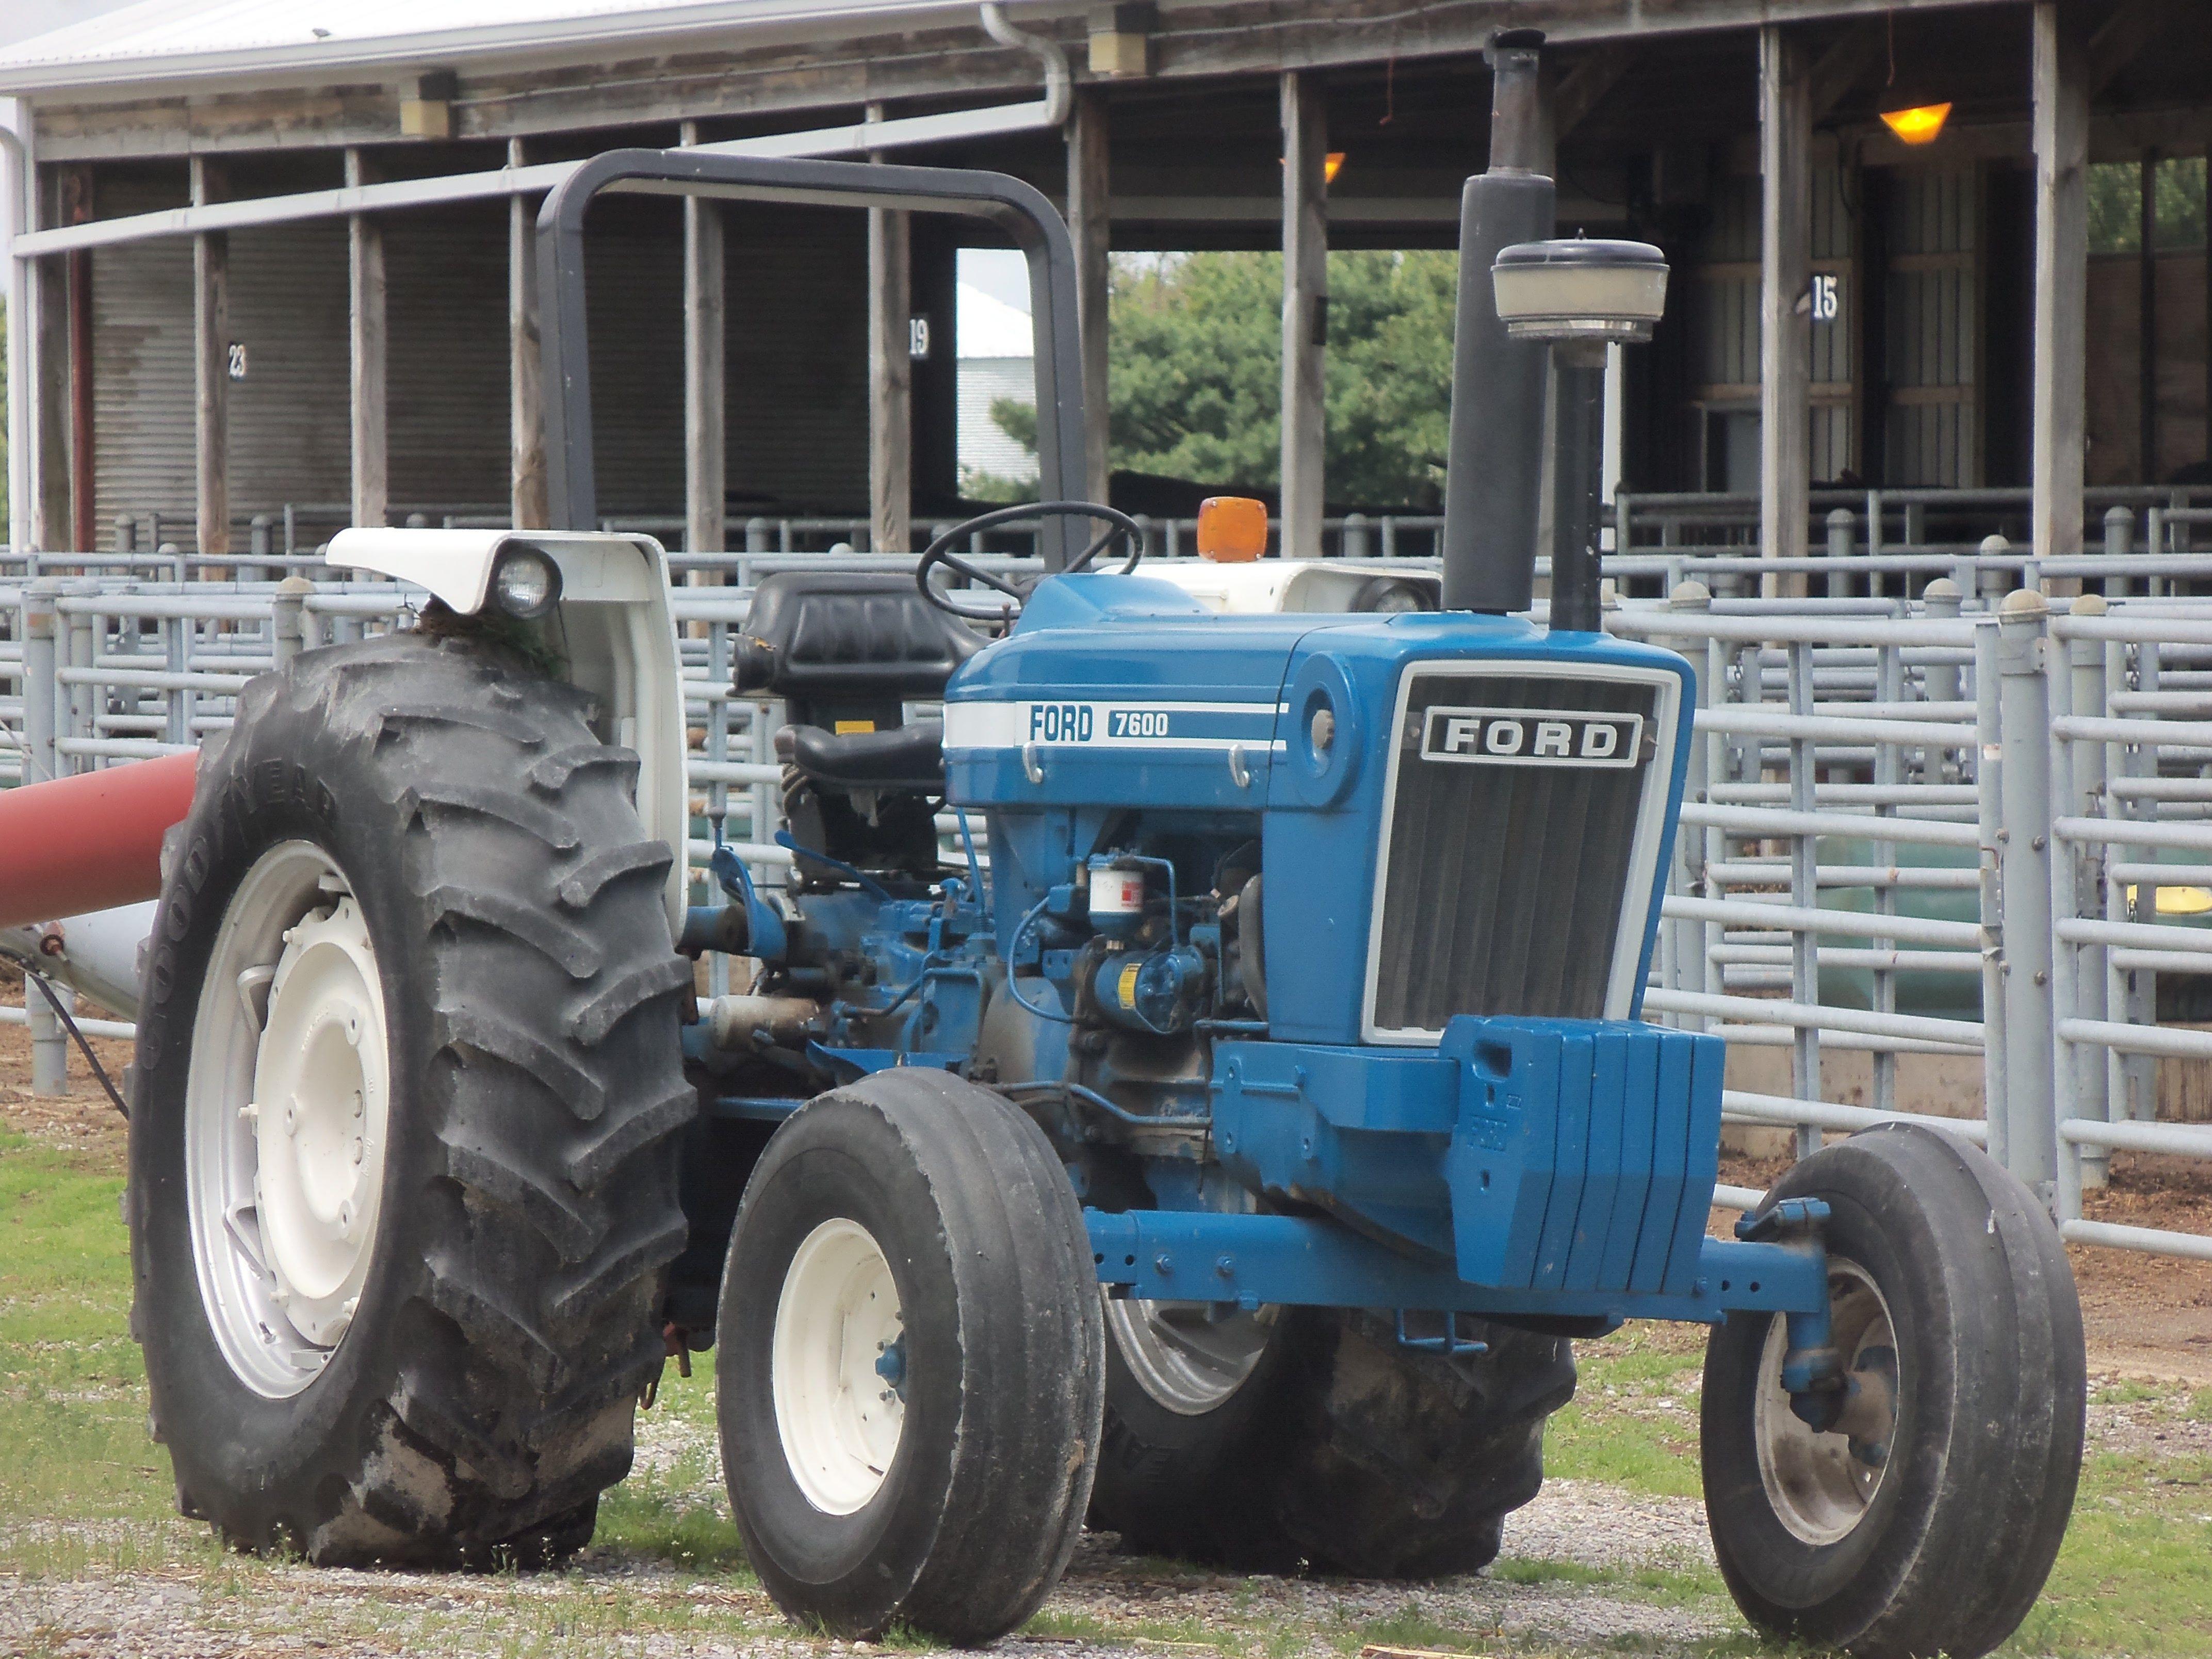 wiring 7600 diagram tractor 1976 ford custom wiring diagram u2022 rh littlewaves co